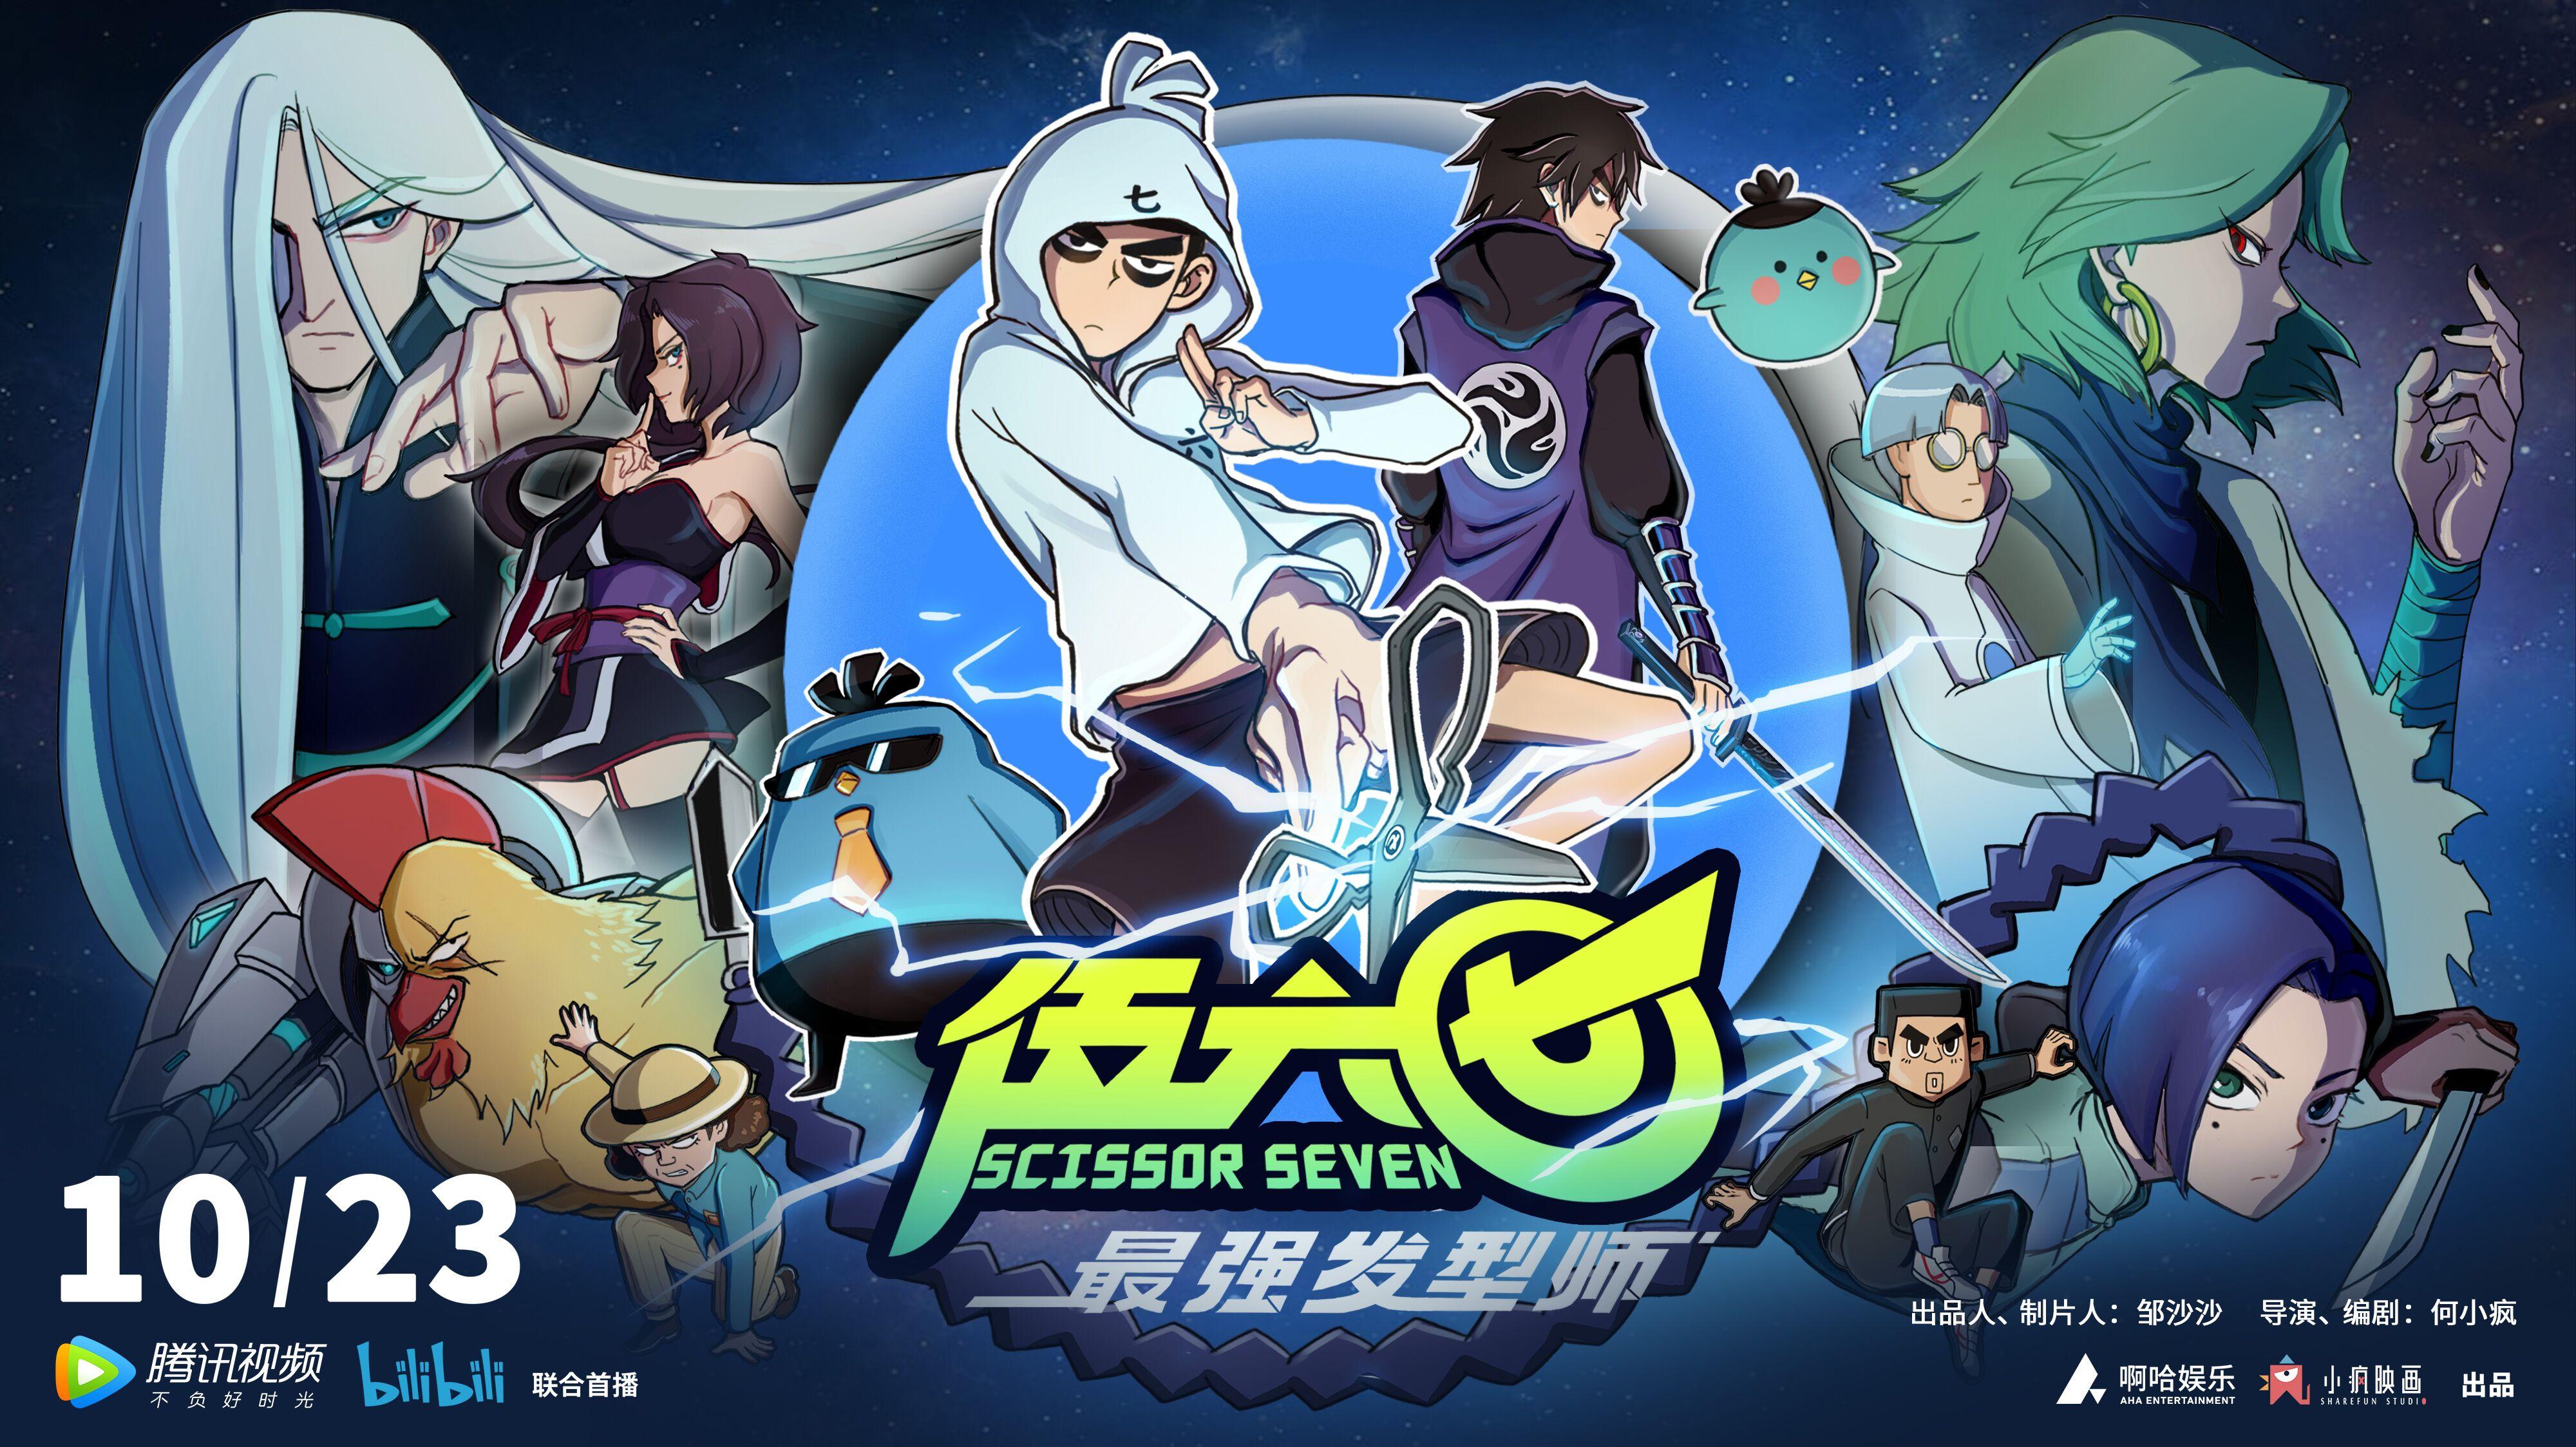 啊哈娱乐旗下高分动画《伍六七》第二季开播 平凡英雄伍六七热血归来